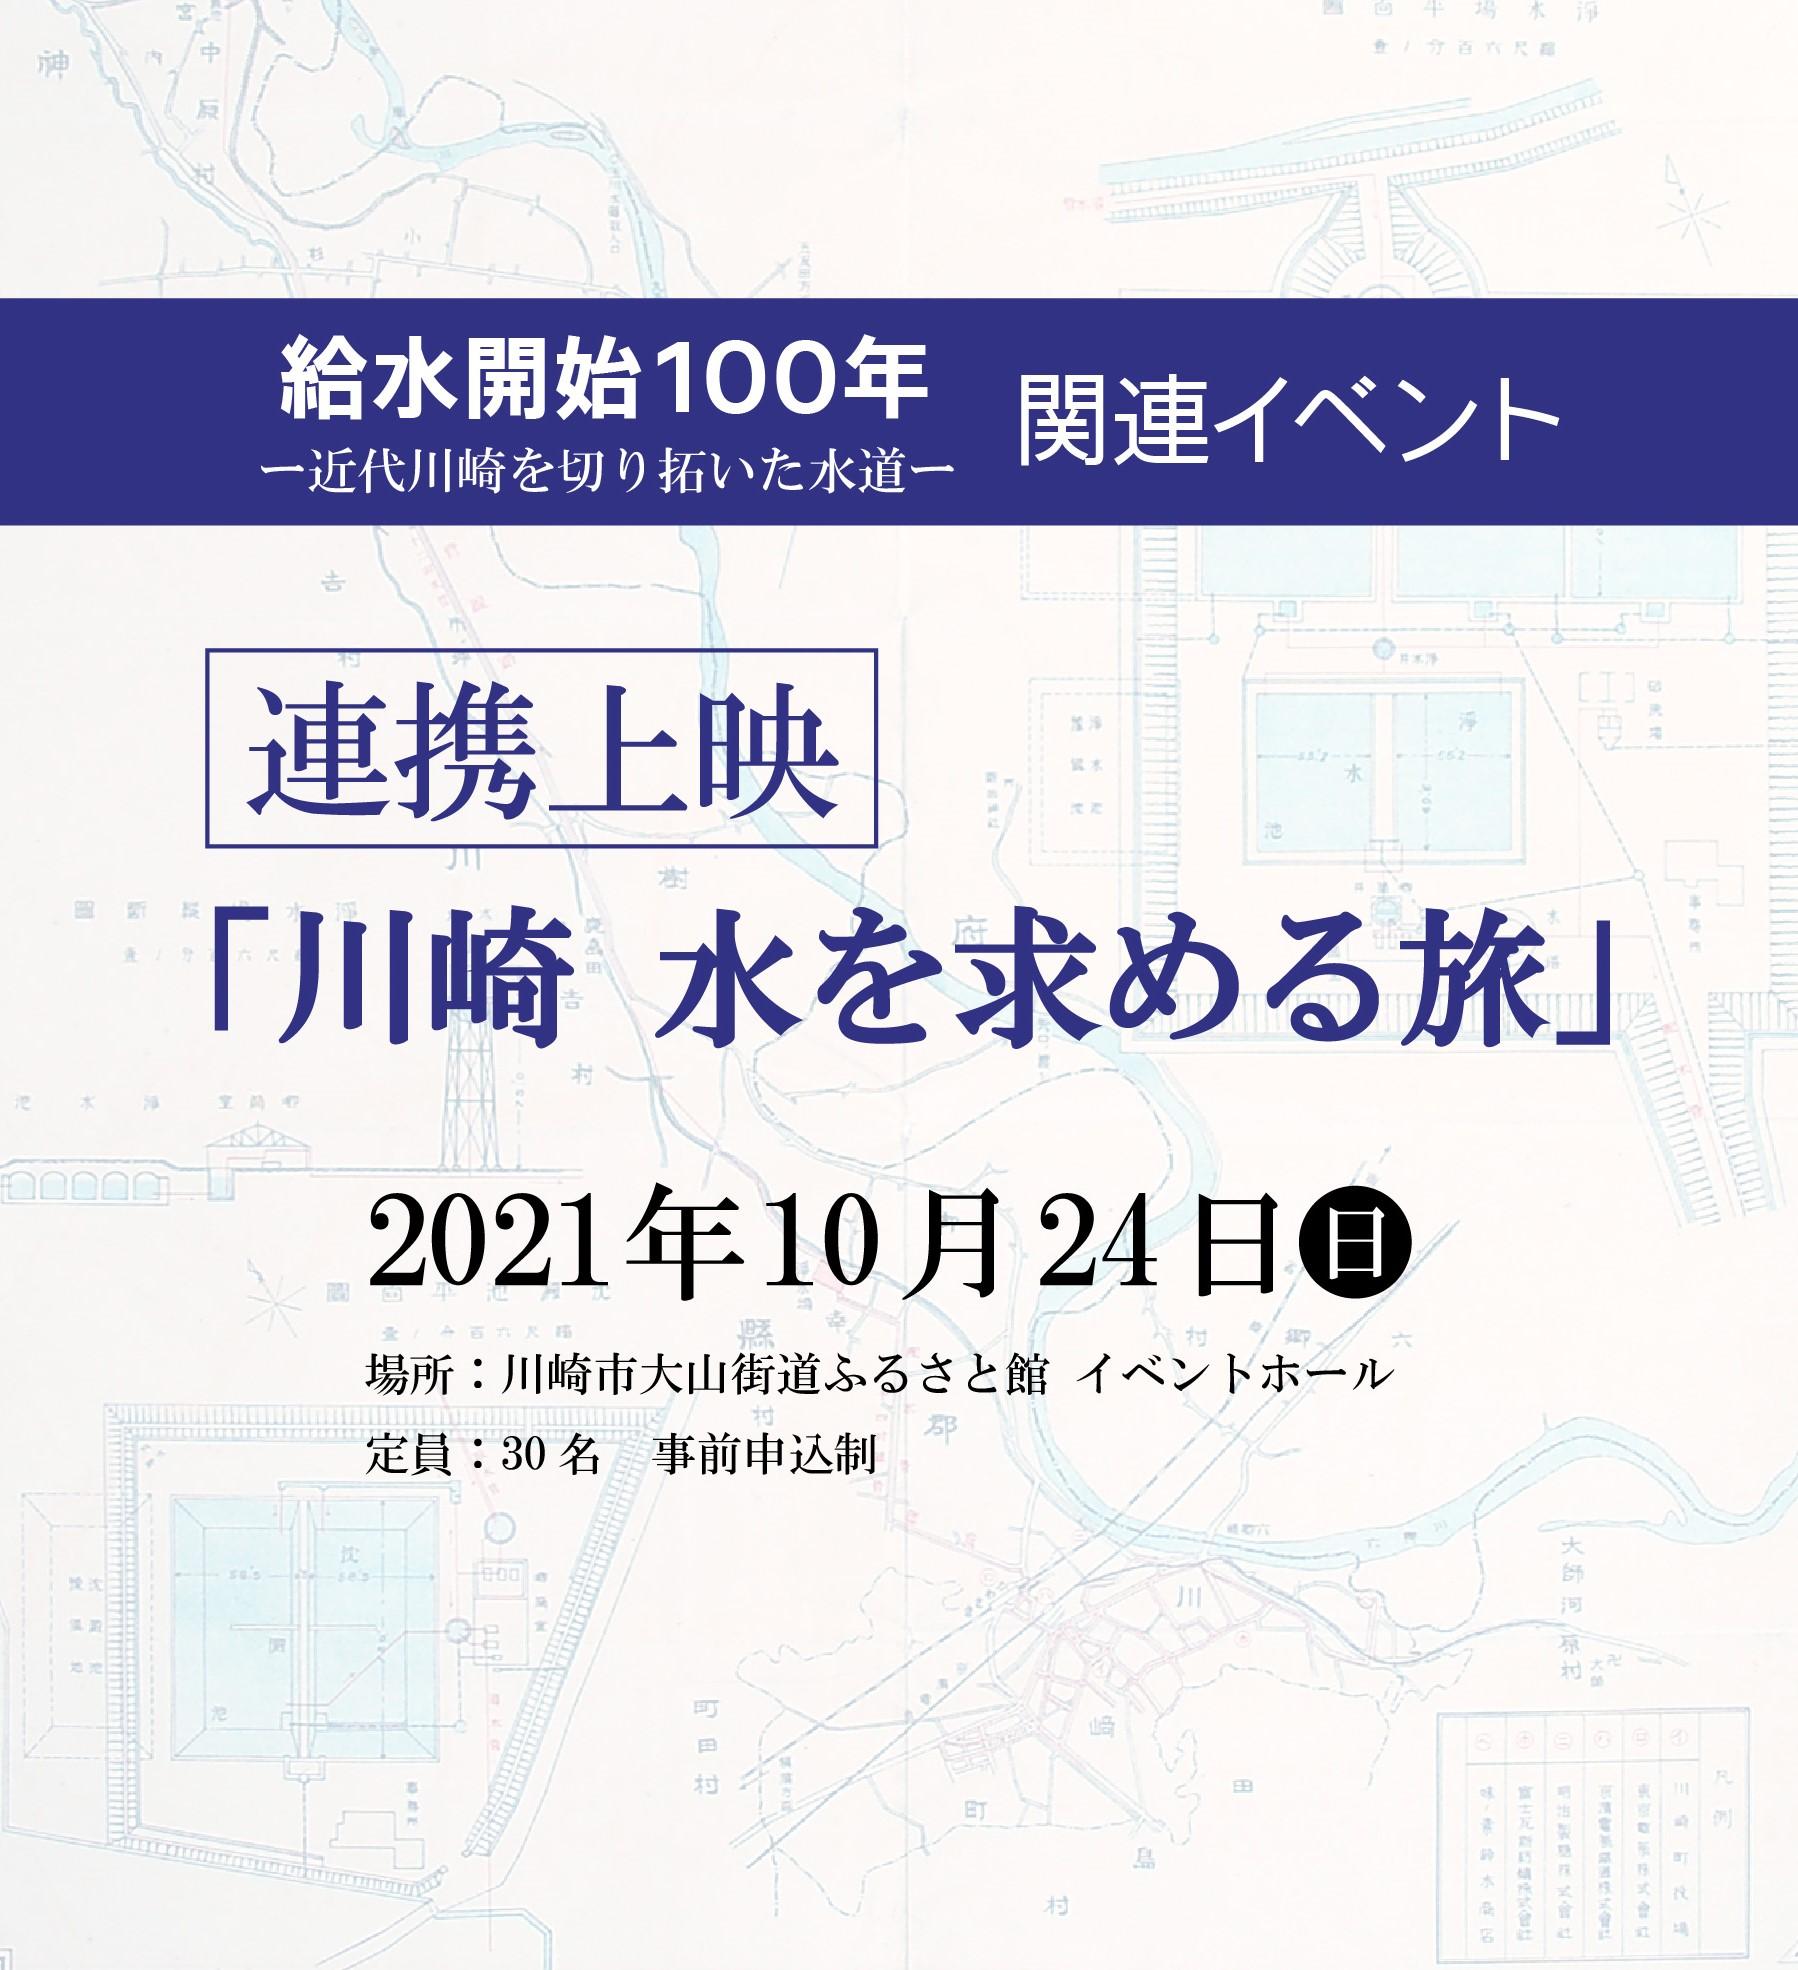 連携上映「川崎 水を求める旅」